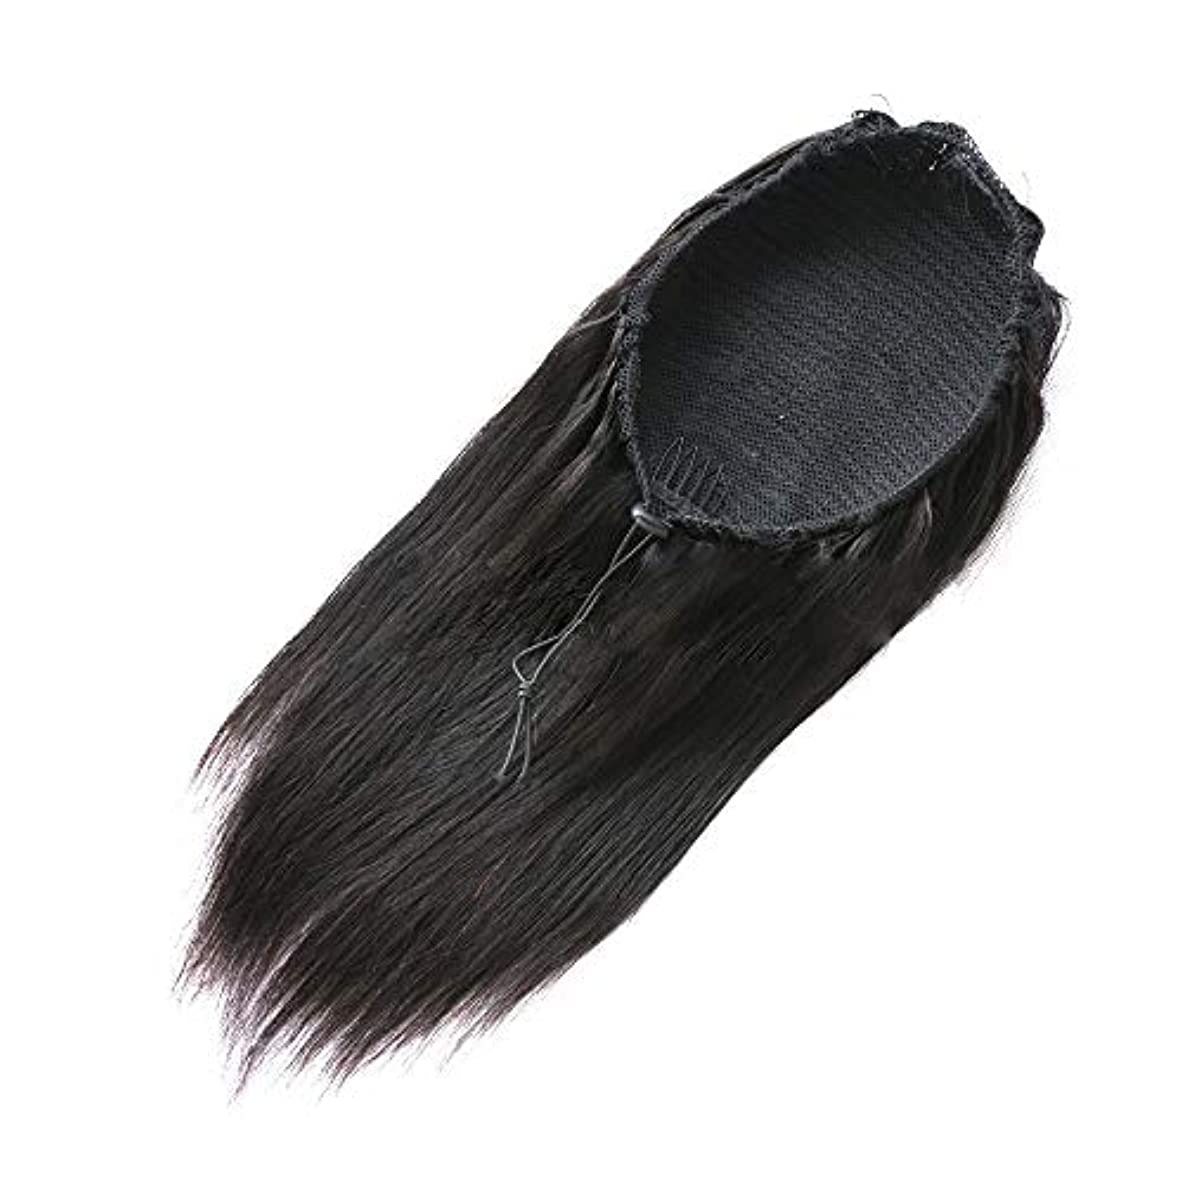 舌なイディオム起業家SRY-Wigファッション ファッションかつら人毛レース閉鎖かつらマレーシアレミー人毛かつら未処理レースフロントかつら女性の自然な色 (Color : ブラック, Size : 18inch)